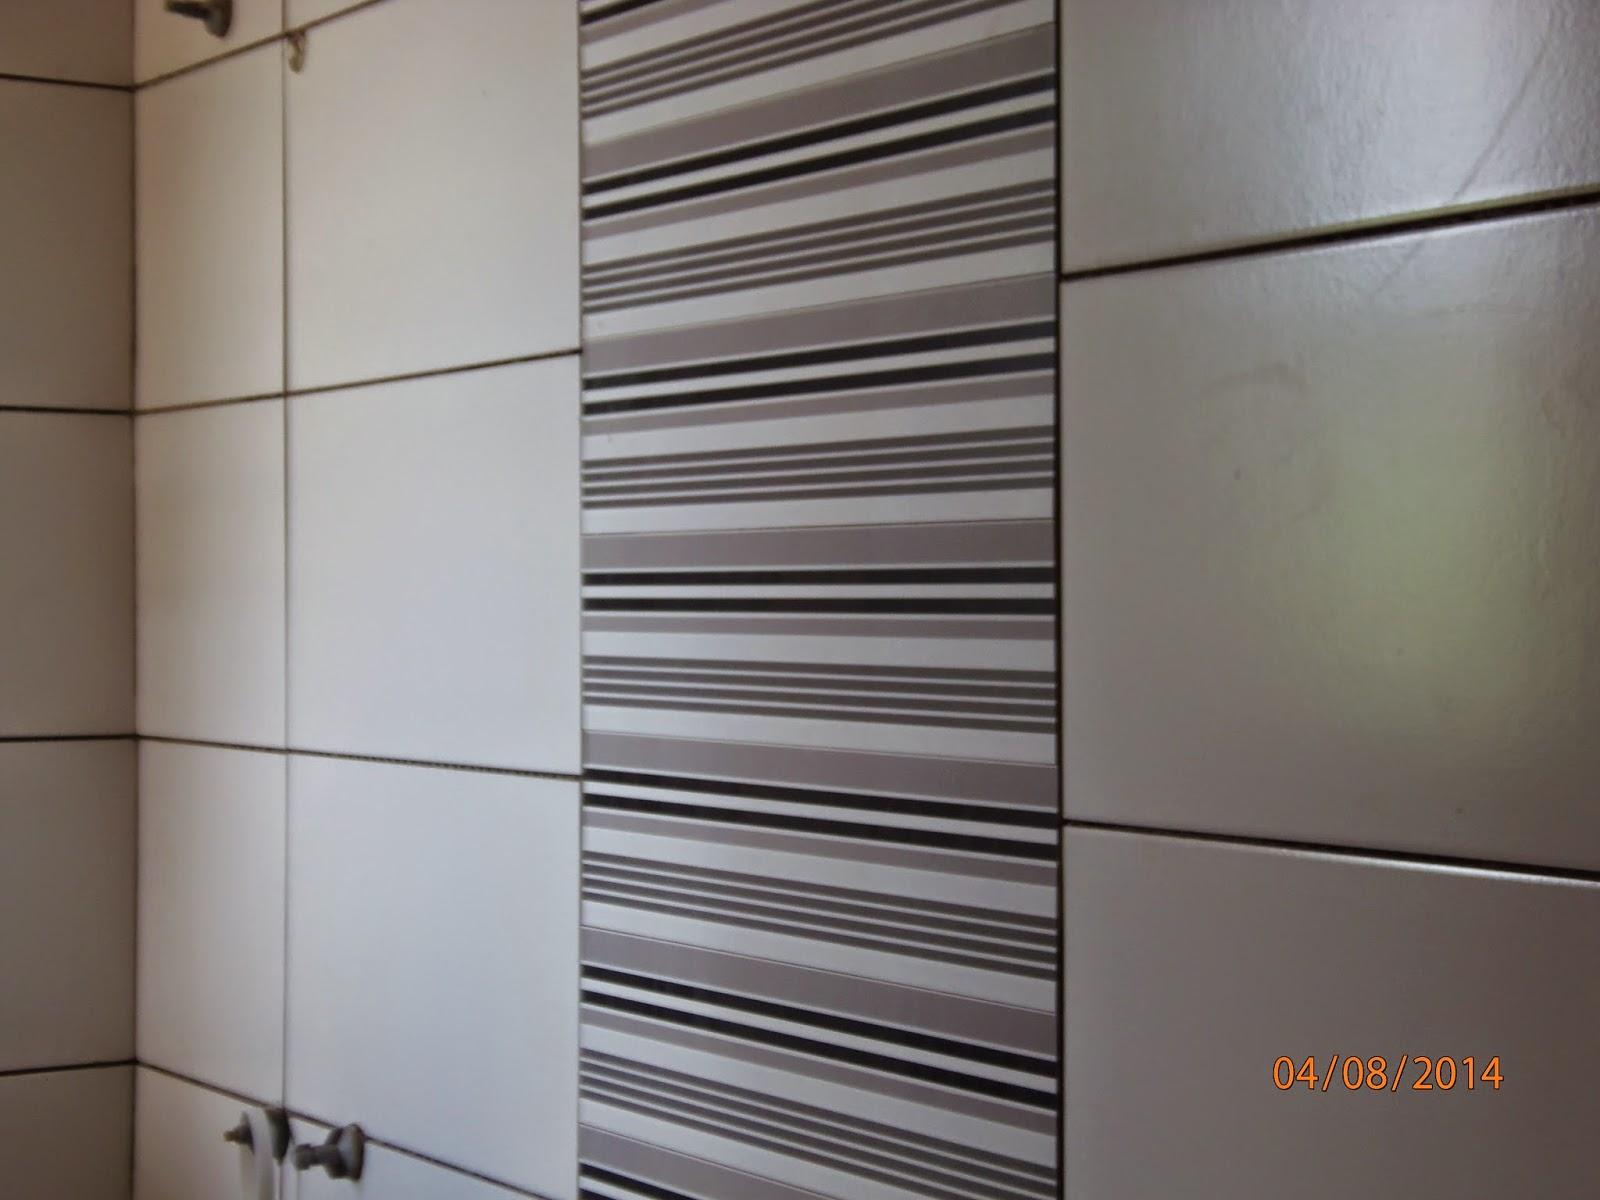 Detalhe da faixa que fica atrás do caso sanitário.Esqueci de #5C4F46 1600x1200 Banheiro Branco Com Rejunte Cinza